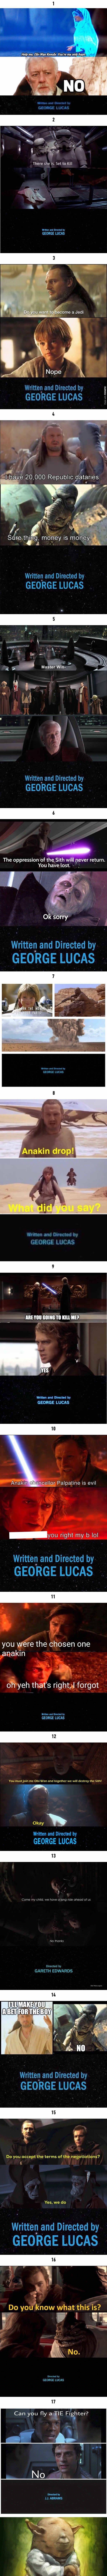 Star Wars: Alternative Endings.